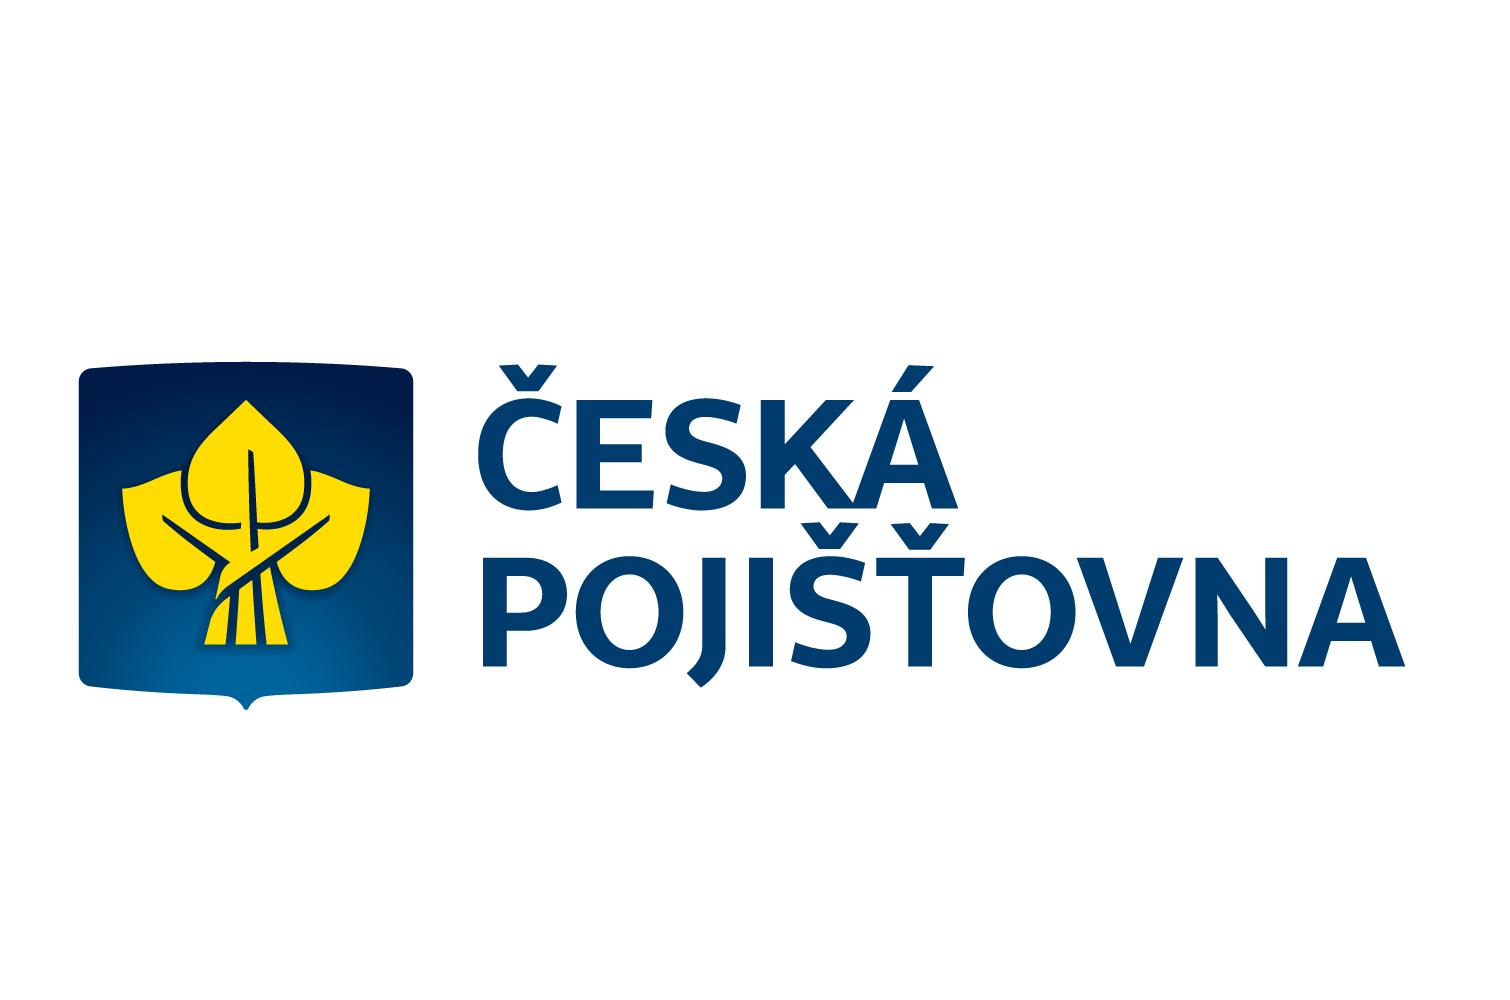 Česká pojišťovna logo